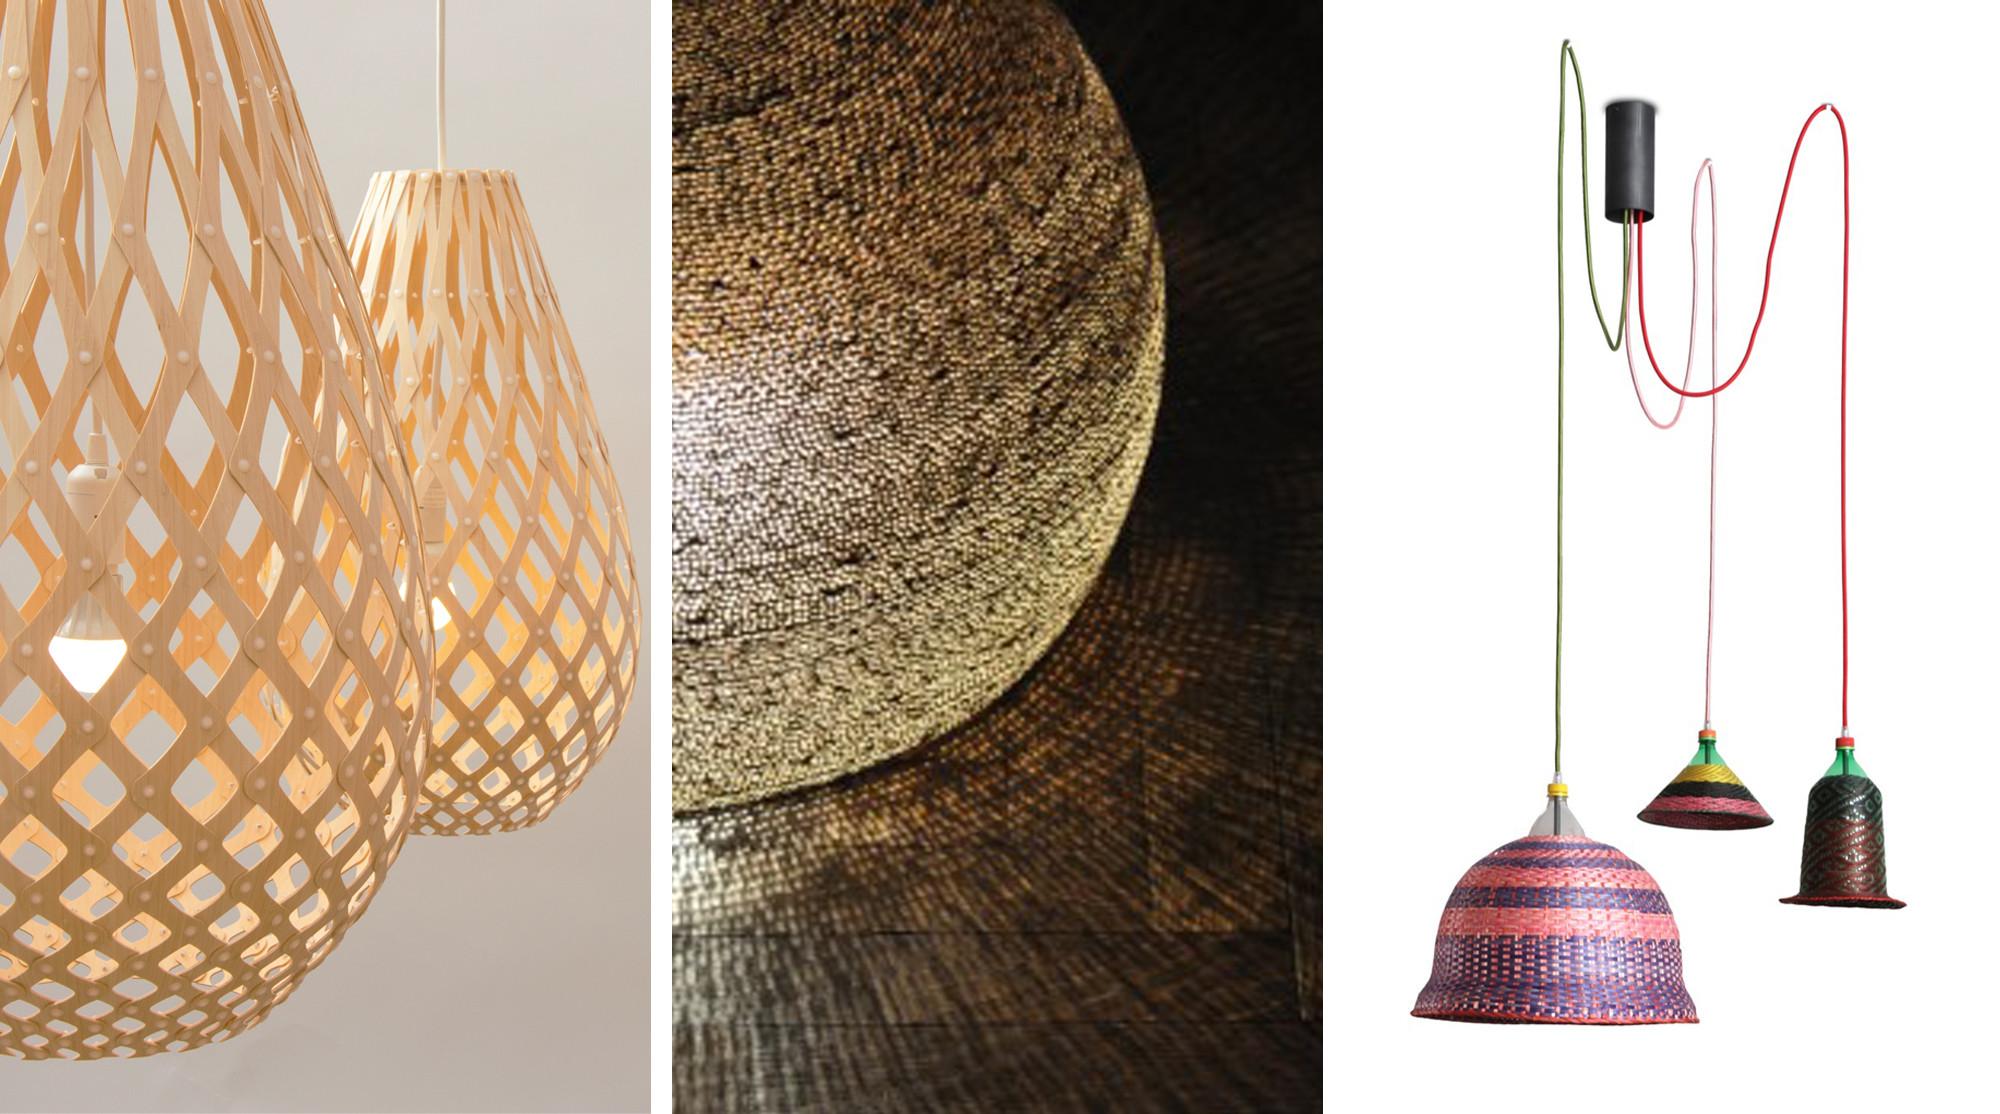 Iluminaci n l mparas con material reciclado plataforma - Lamparas de pie artesanales ...